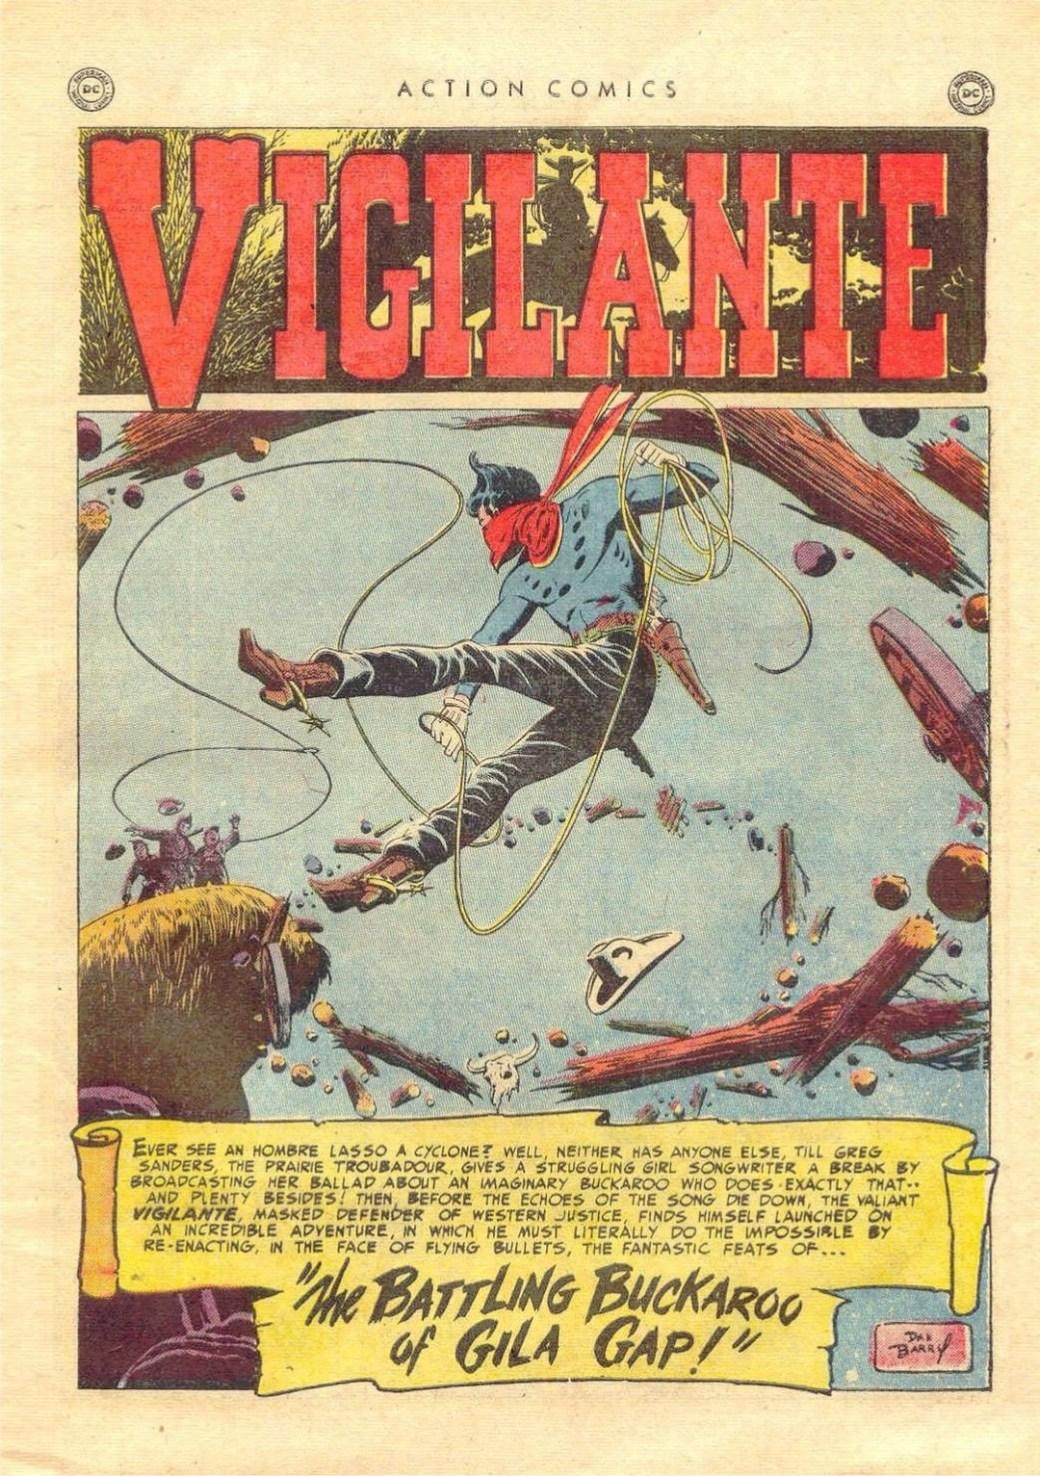 Vigilante av Dan Barry ur Action Comics